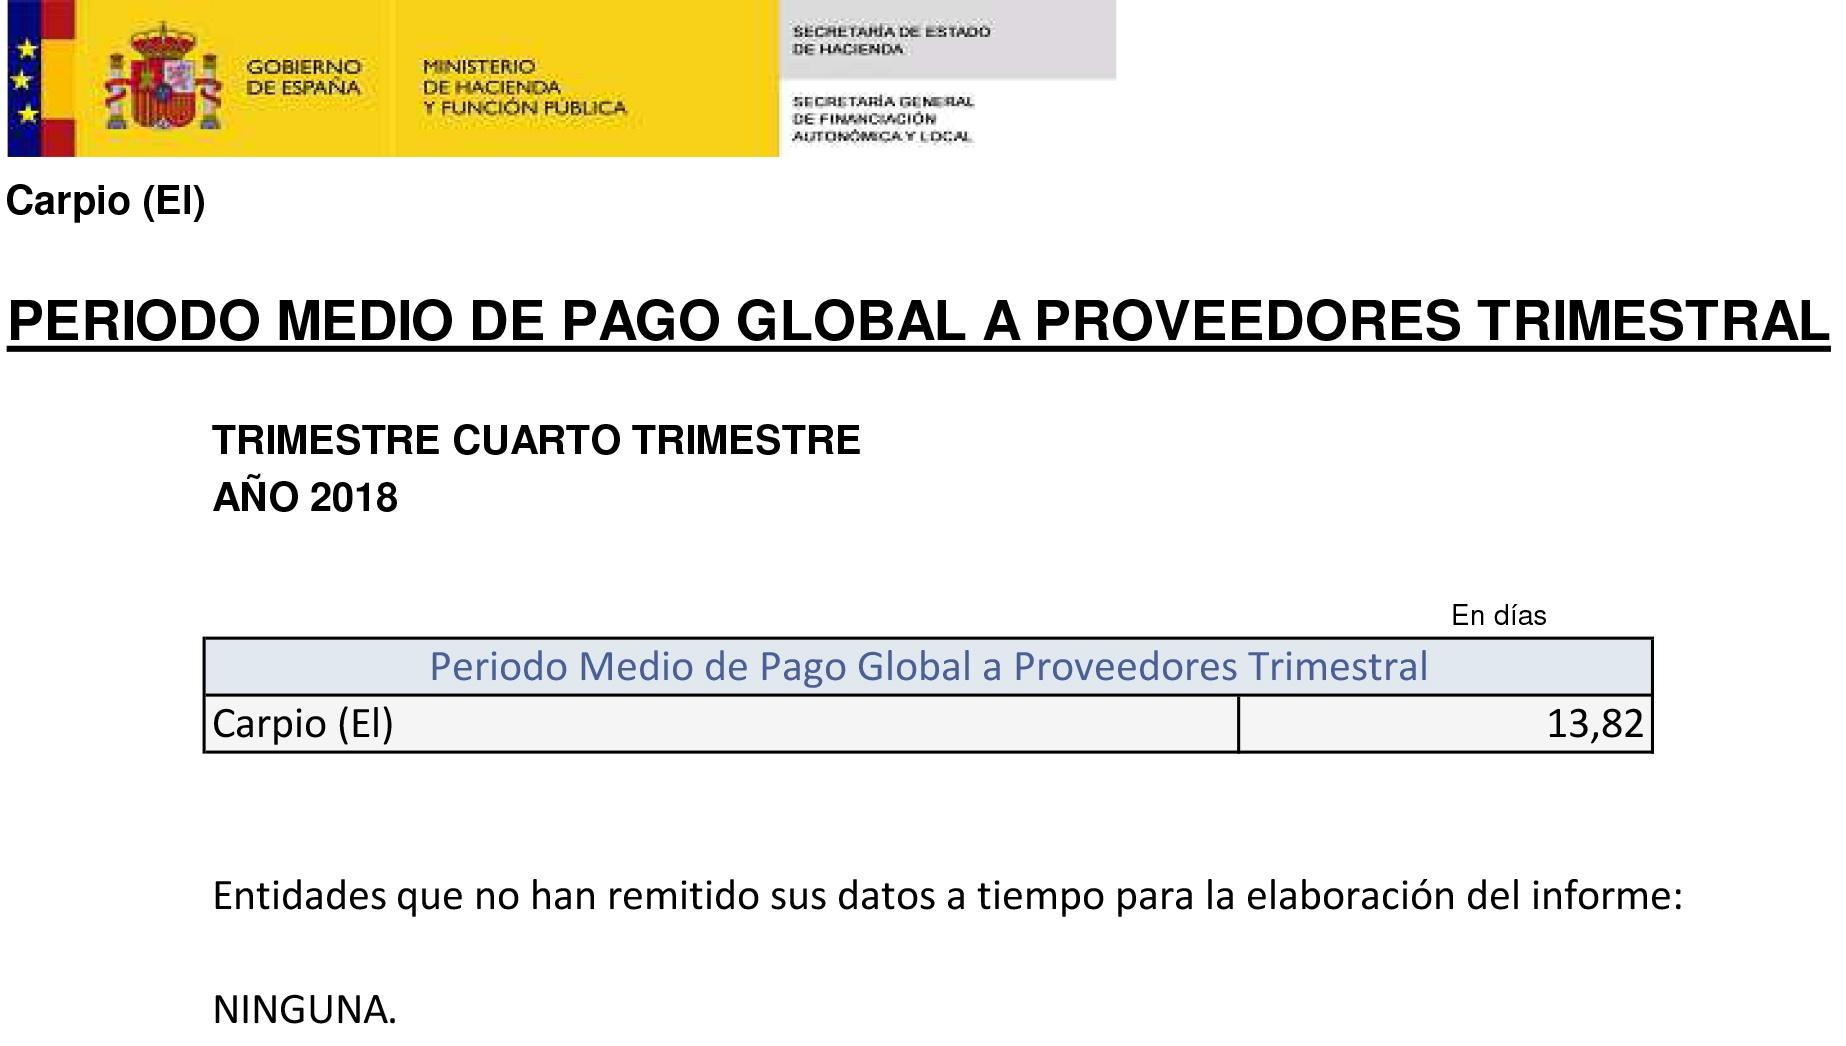 PERIODO MEDIO DE PAGO A PROVEEDORES TRIMESTRAL 2018 - 4T 1